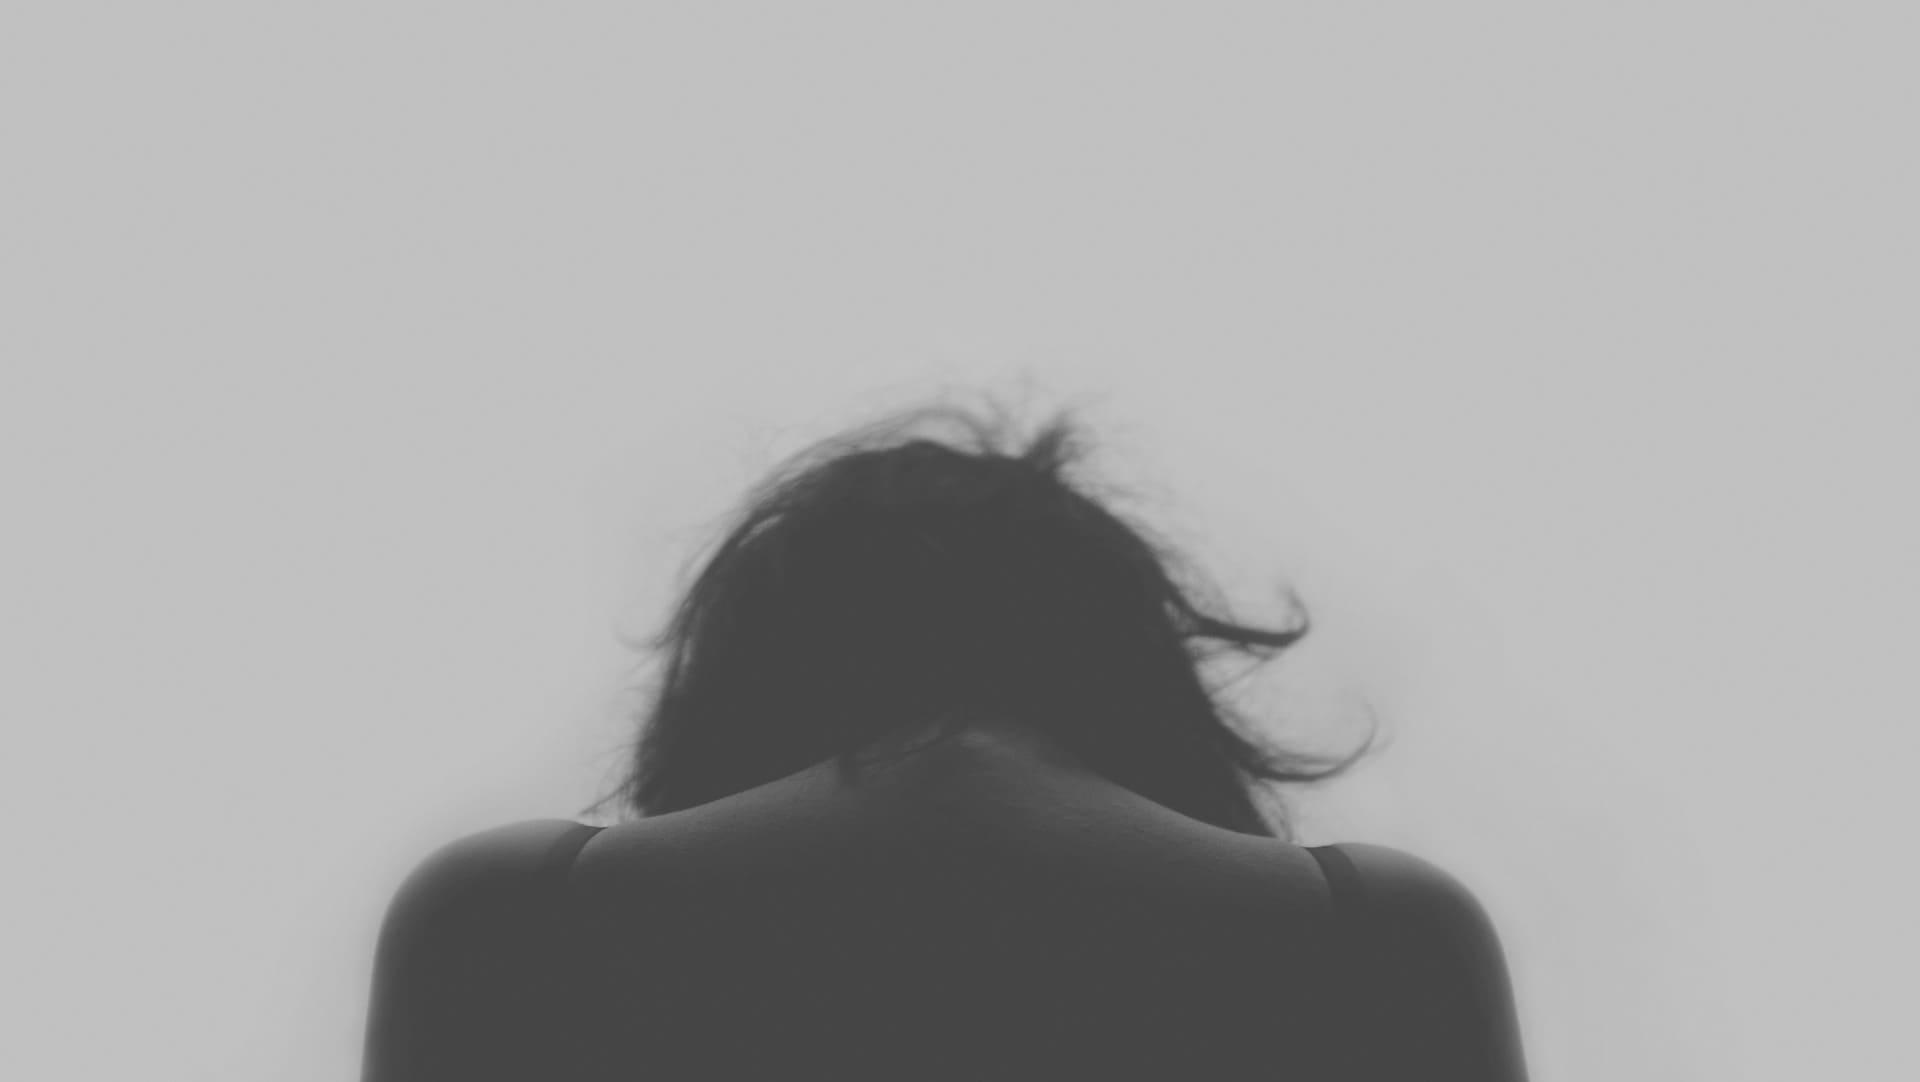 sintomi sclerosi multipla ability channel fattori psicologici emotivi